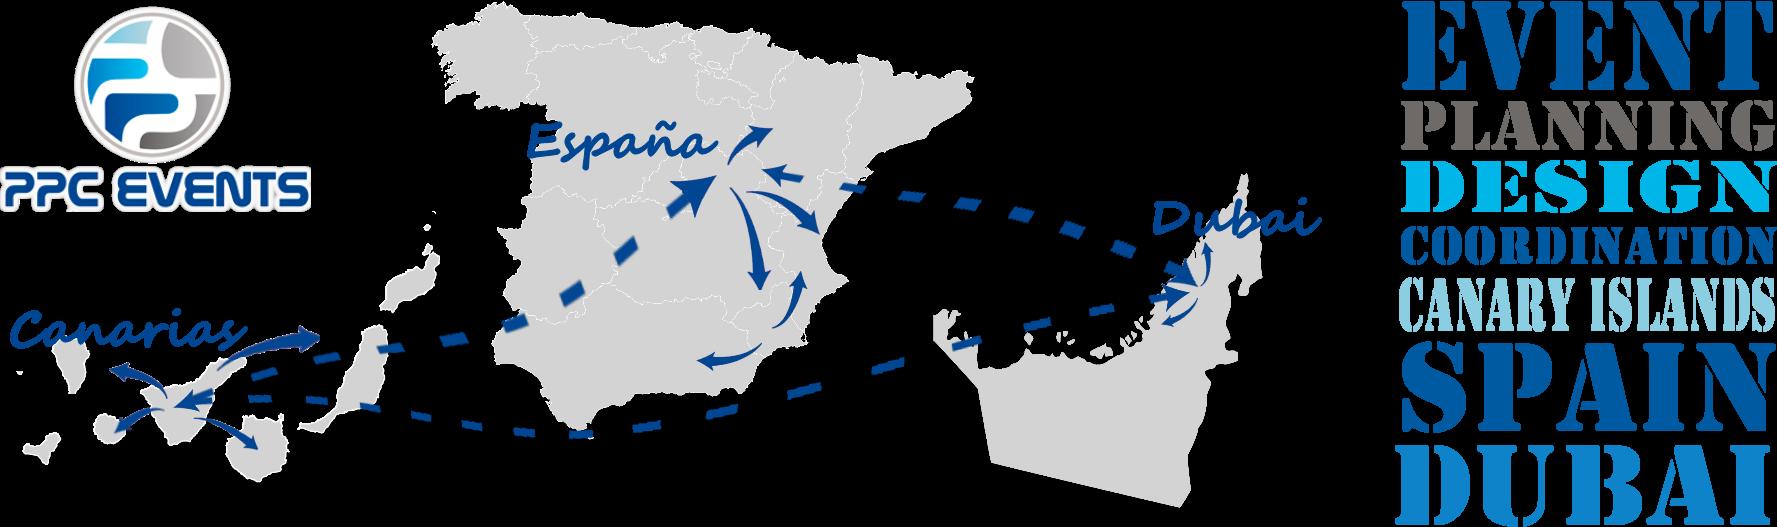 Canarias Tenerife España Dubai Eventos Events